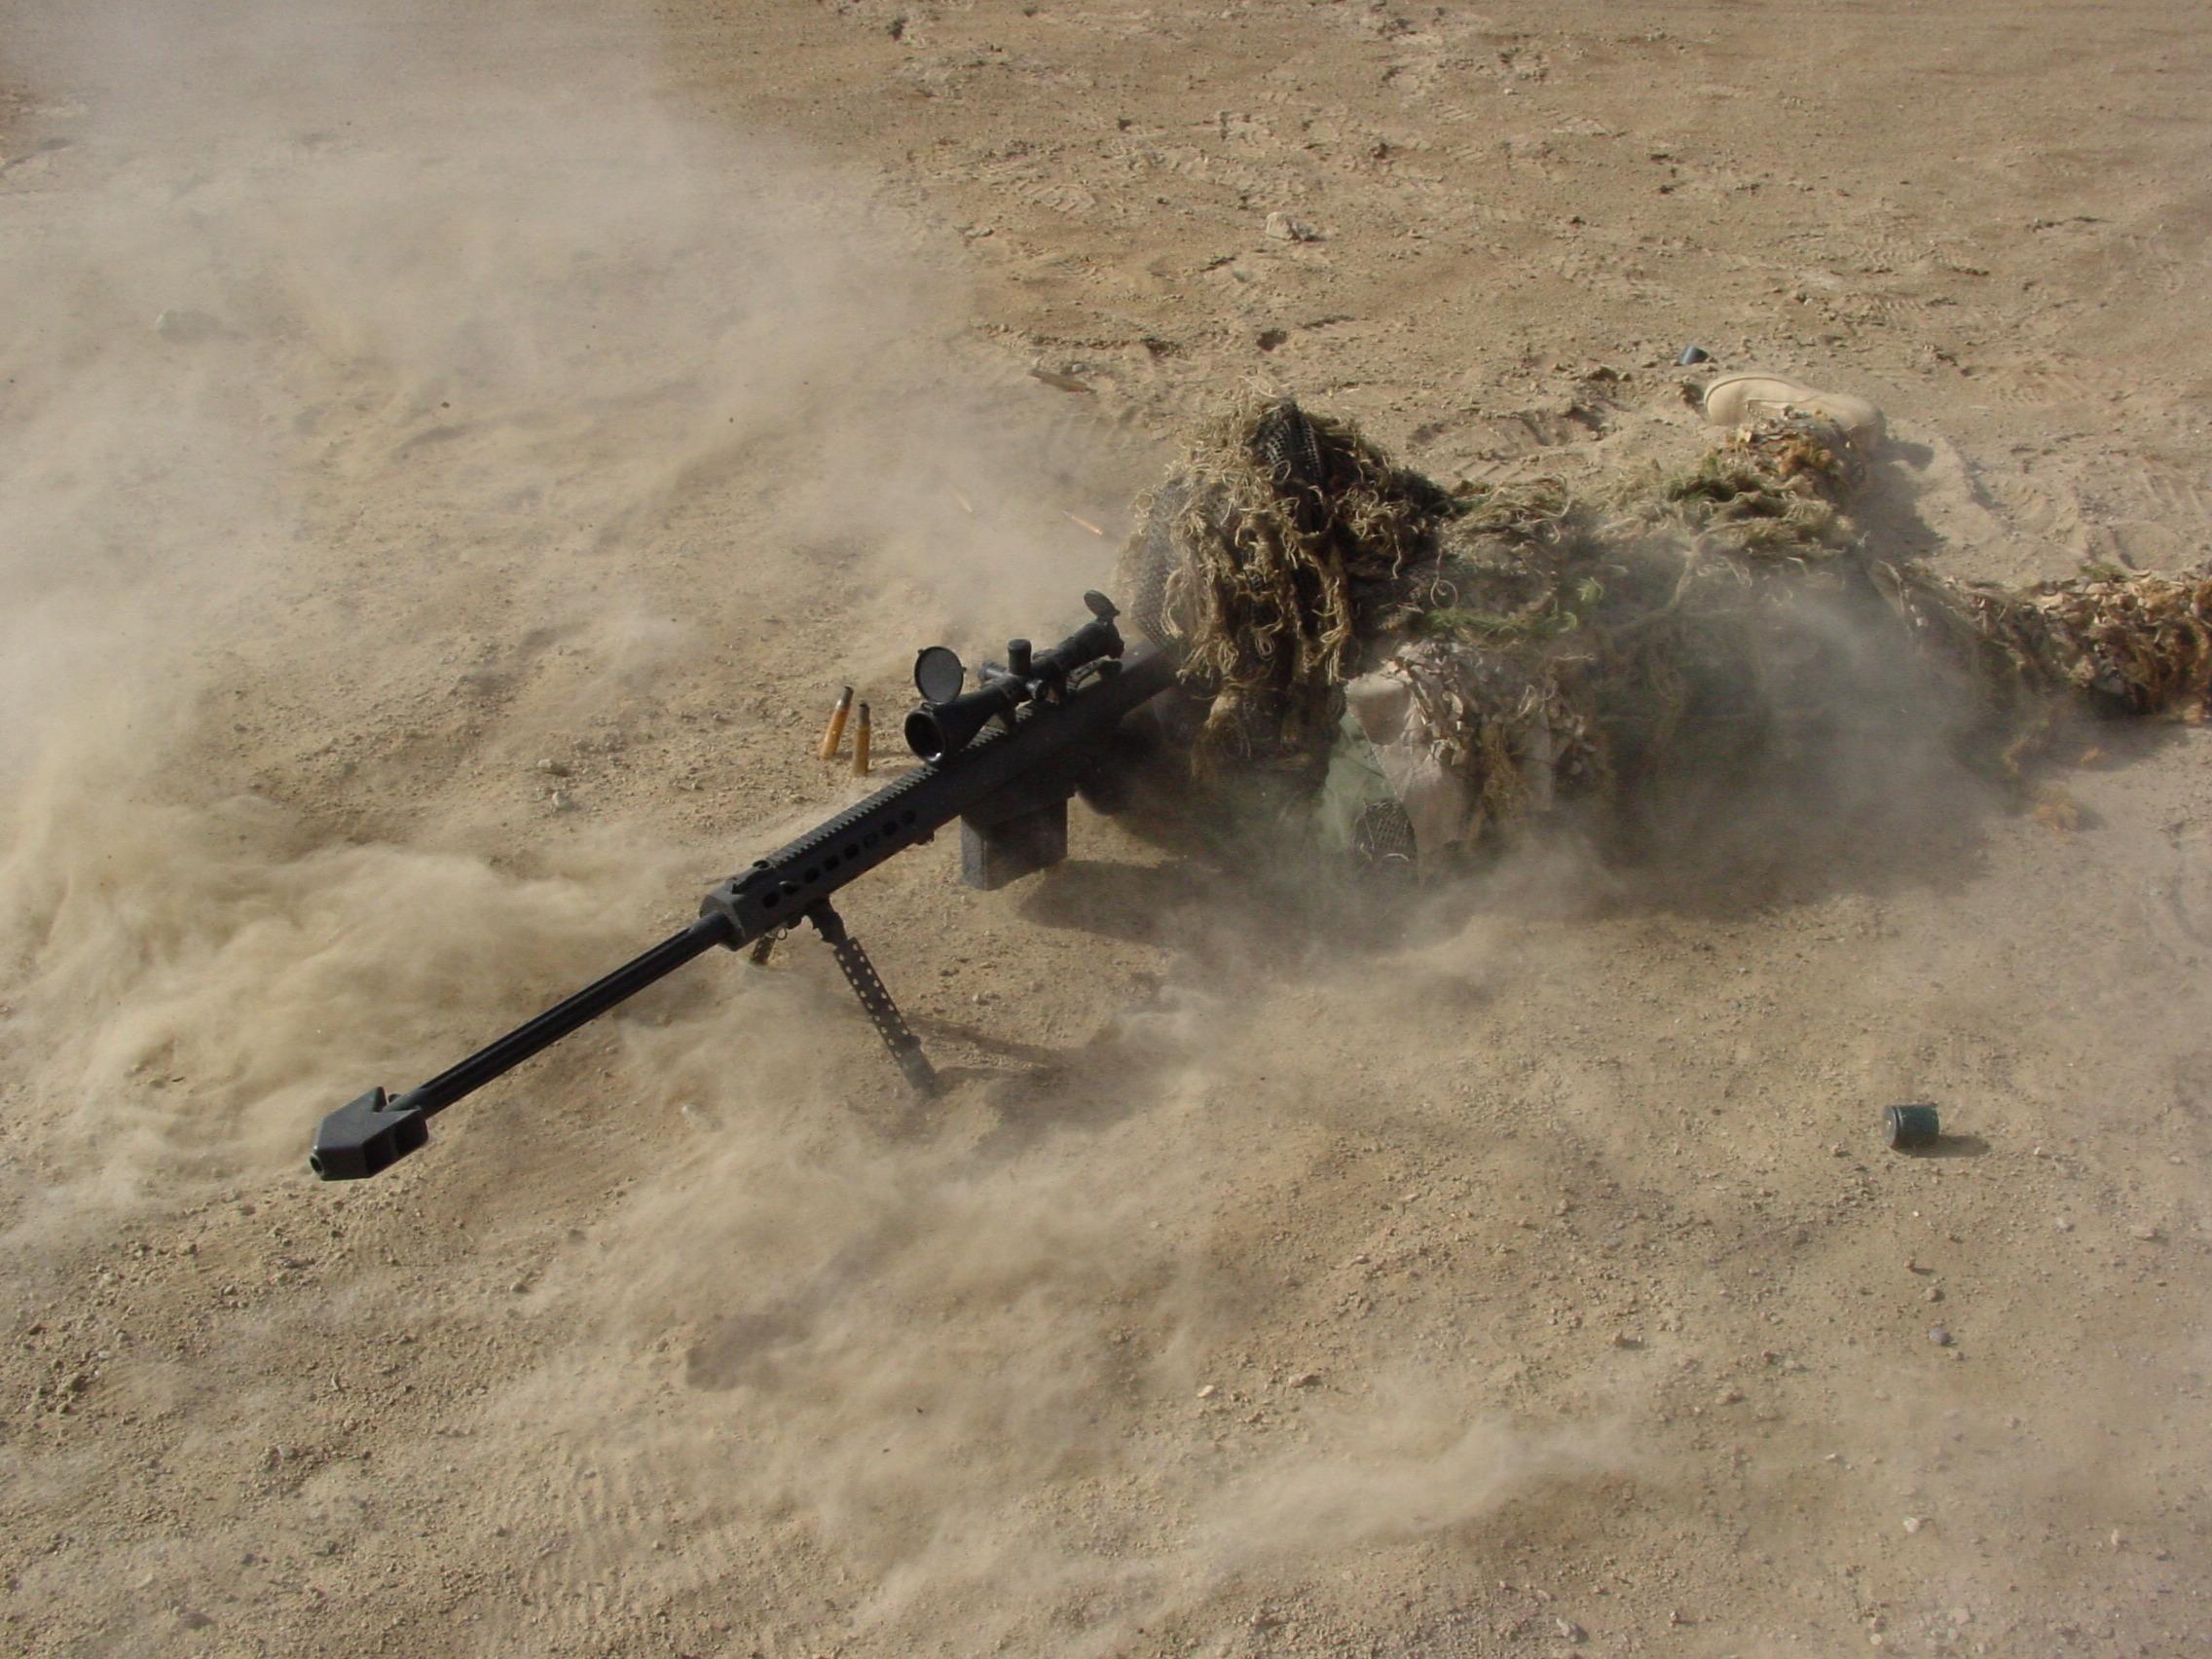 Militär - Scharfschütze  - Smoke Check - Barrett - .50 Cal - Ghillie - M82 Hintergrundbild